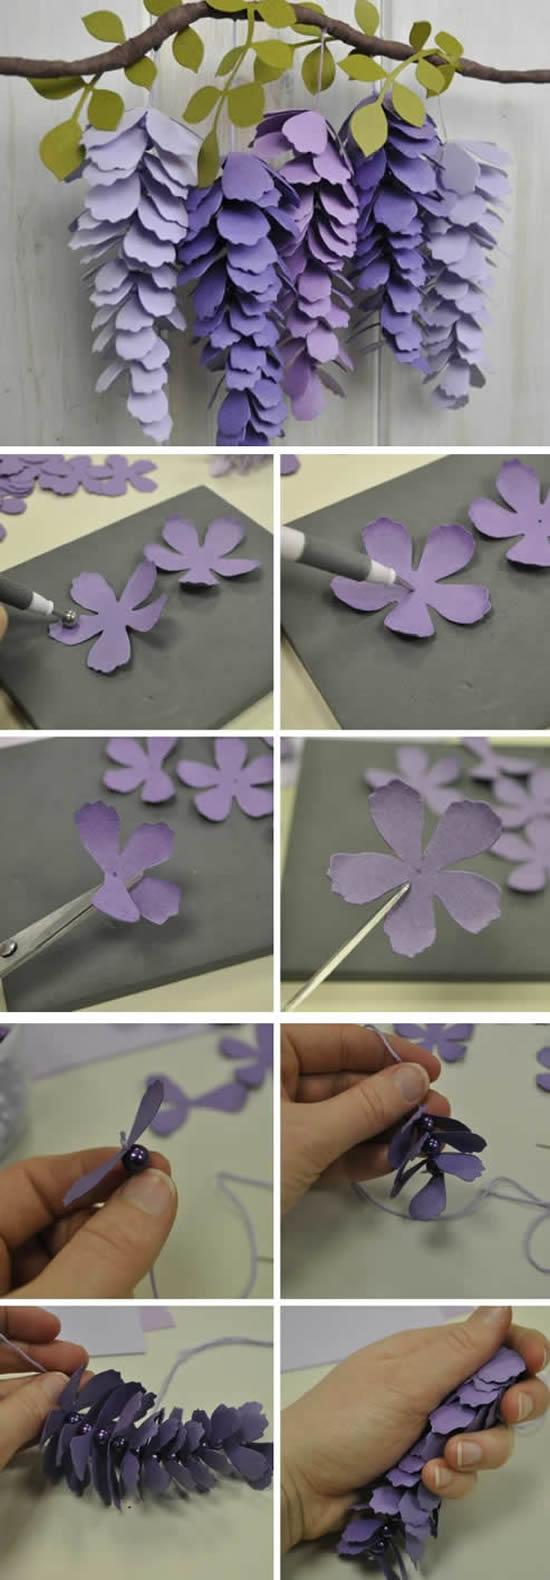 Arranjo de flores para decoração de festa